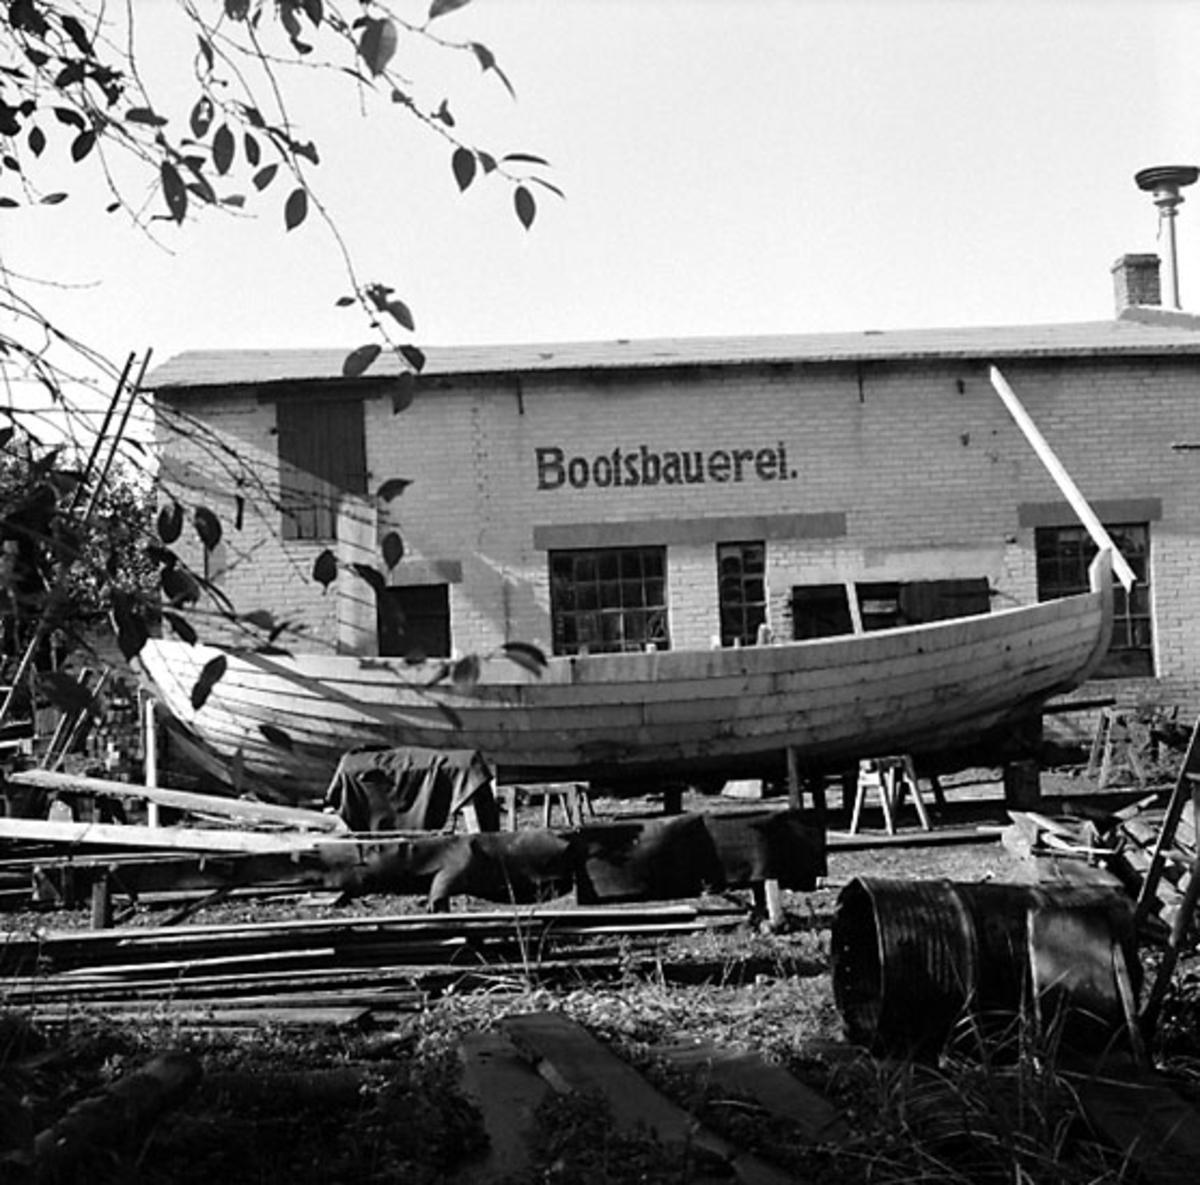 Bootsbauerei.